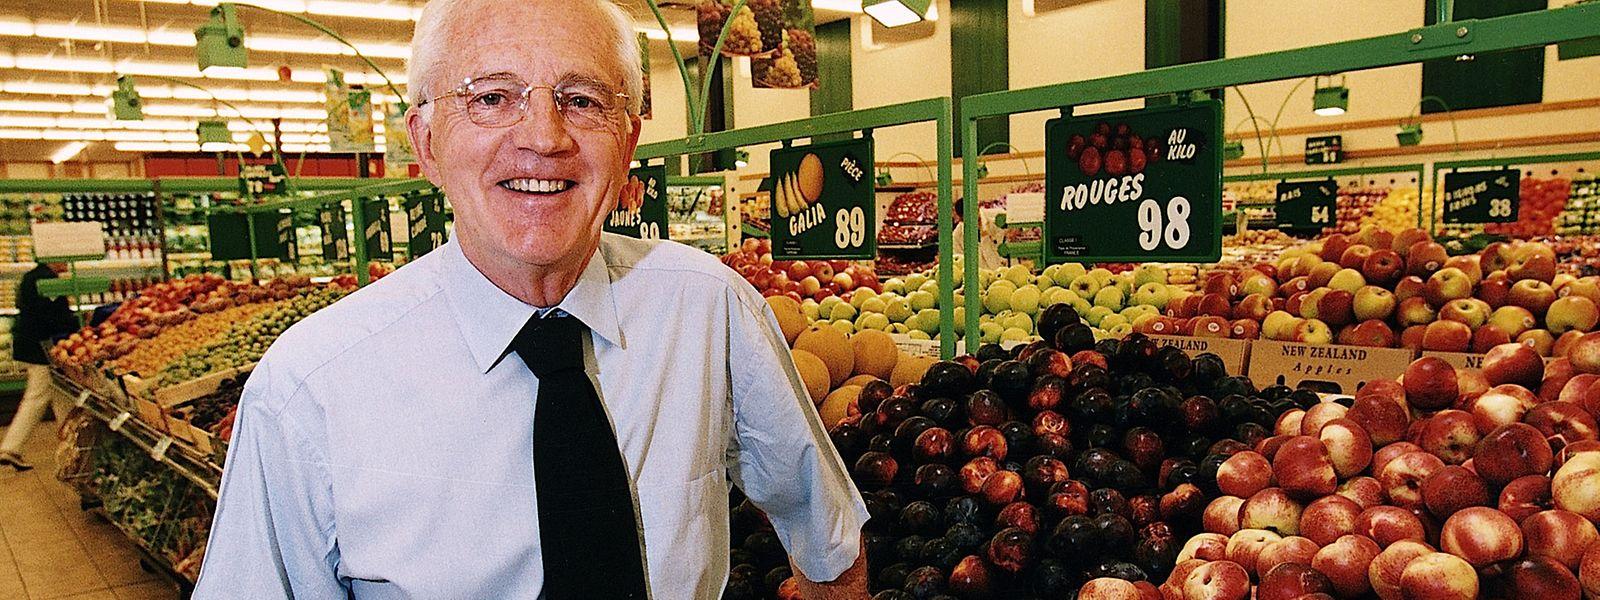 Der Luxemburger Geschäftsmann Paul Leesch ist im Alter von 91 Jahren verstorben.